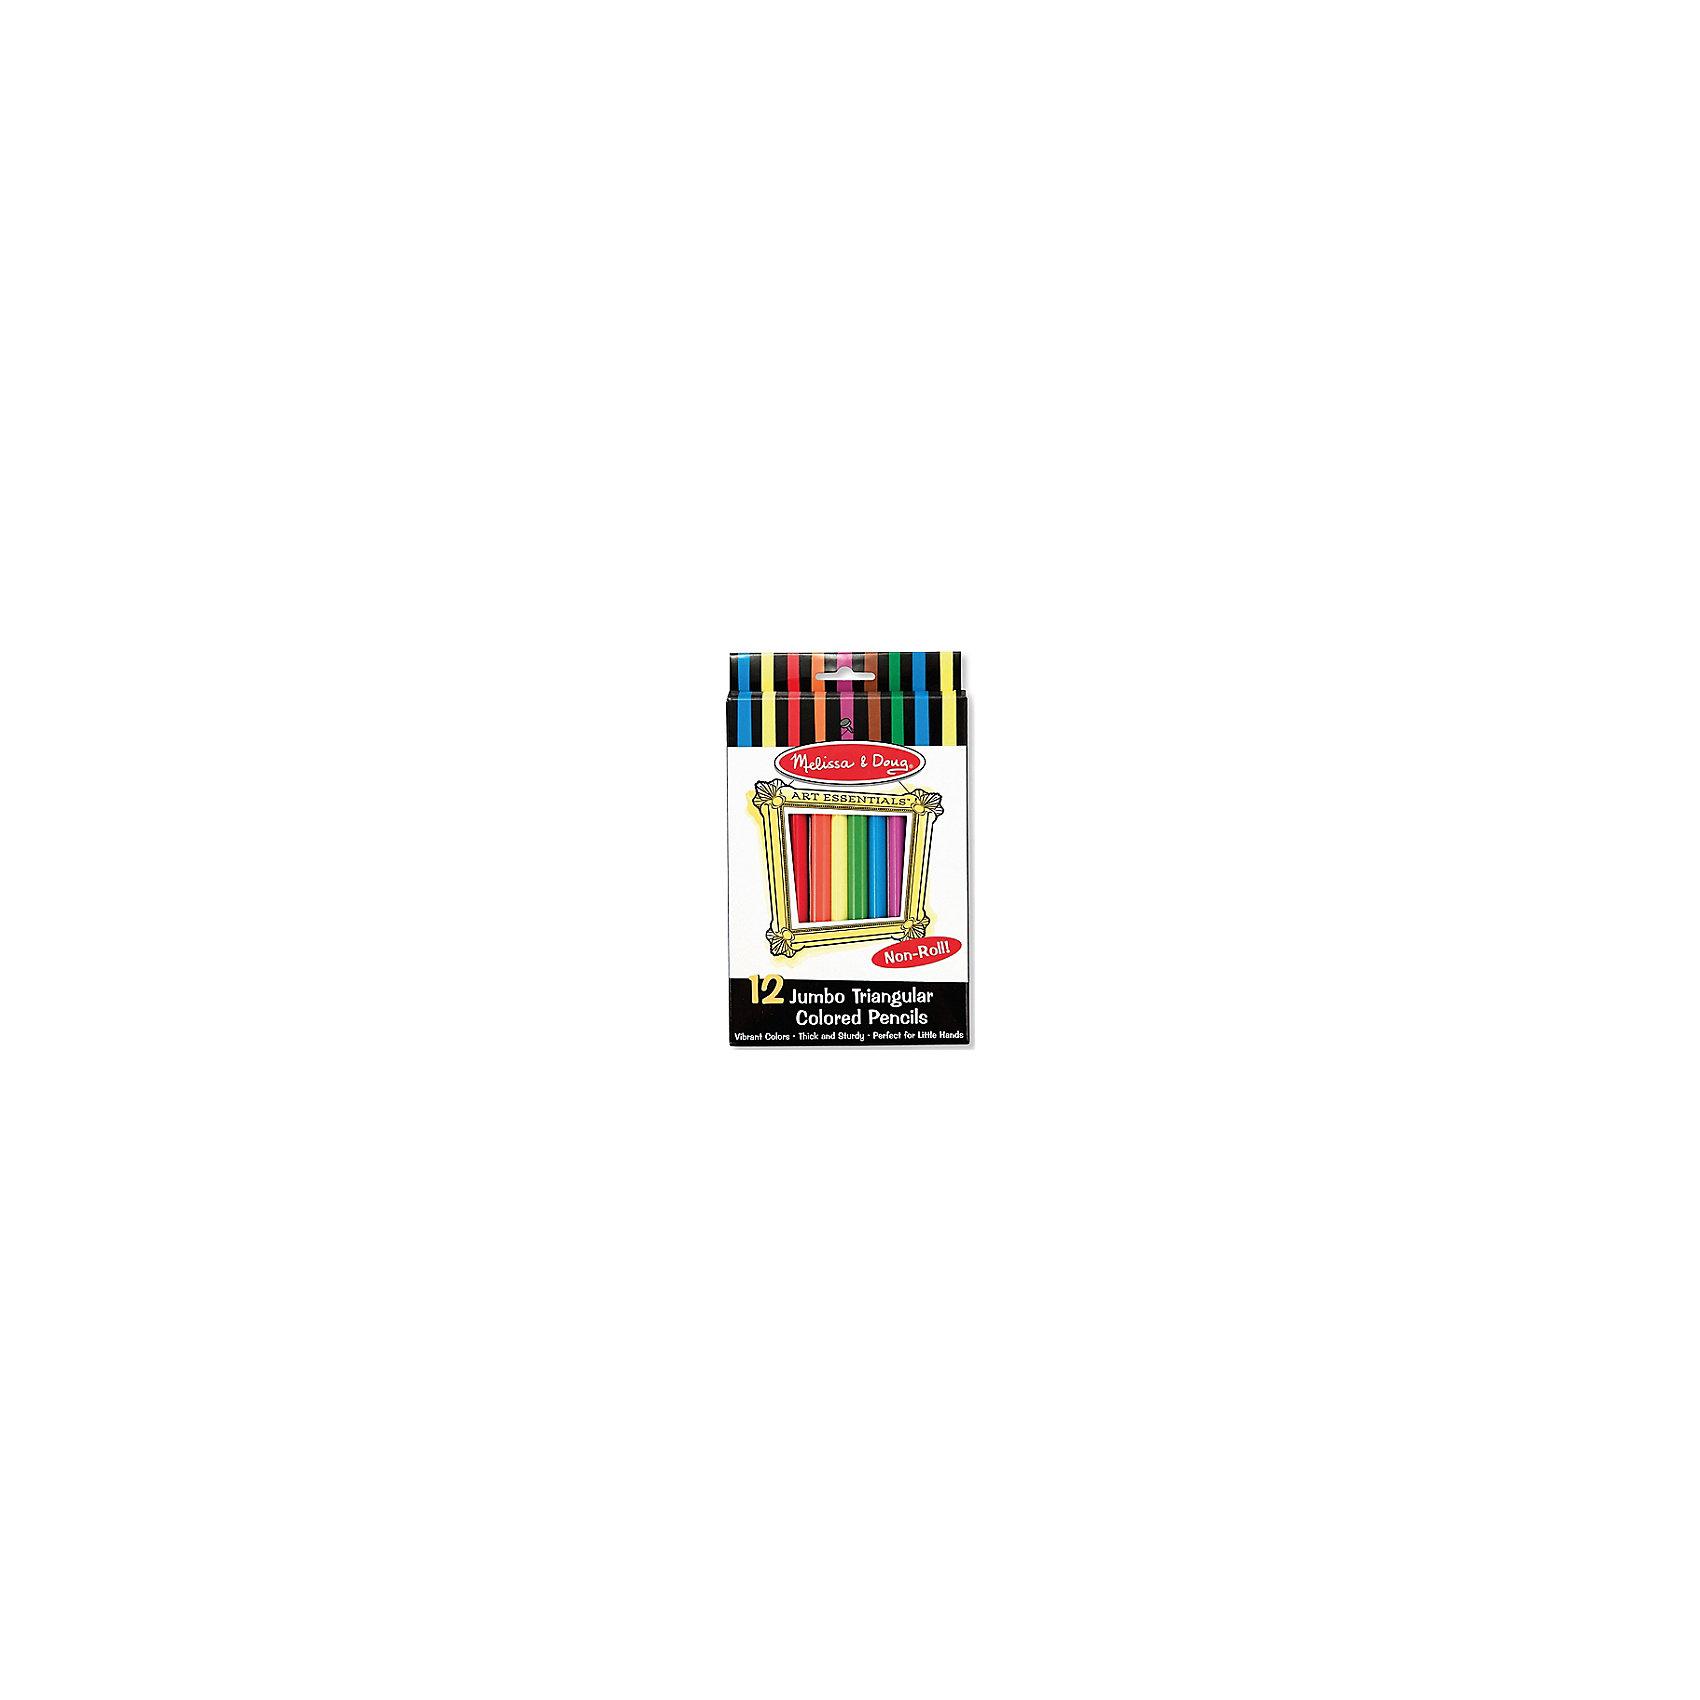 Набор карандашей 12 шт.Письменные принадлежности<br>Набор цветных карандашей – классический пункт в списке школьных покупок. Качественные карандаши прослужат ребенку не один год даже при активном использовании. Важно подобрать набор с яркими цветами, мягким, но прочным стержнем и грифелем с легкой растушевкой. Данная модель набора цветных карандашей – отличный выбор для обновки школьного пенала. Карандаши имеют трехгранный корпус, что выглядит довольно необычно. Такая форма помогает карандашам не раскатываться по поверхности. Все материалы, использованные при изготовлении, отвечают международным требованиям по качеству и безопасности.<br><br>Дополнительная информация: <br><br>количество цветов: 12 шт;<br>упаковка: коробка.<br><br>Набор цветных карандашей можно приобрести в нашем магазине.<br><br>Ширина мм: 130<br>Глубина мм: 20<br>Высота мм: 210<br>Вес г: 159<br>Возраст от месяцев: 36<br>Возраст до месяцев: 144<br>Пол: Унисекс<br>Возраст: Детский<br>SKU: 4993643